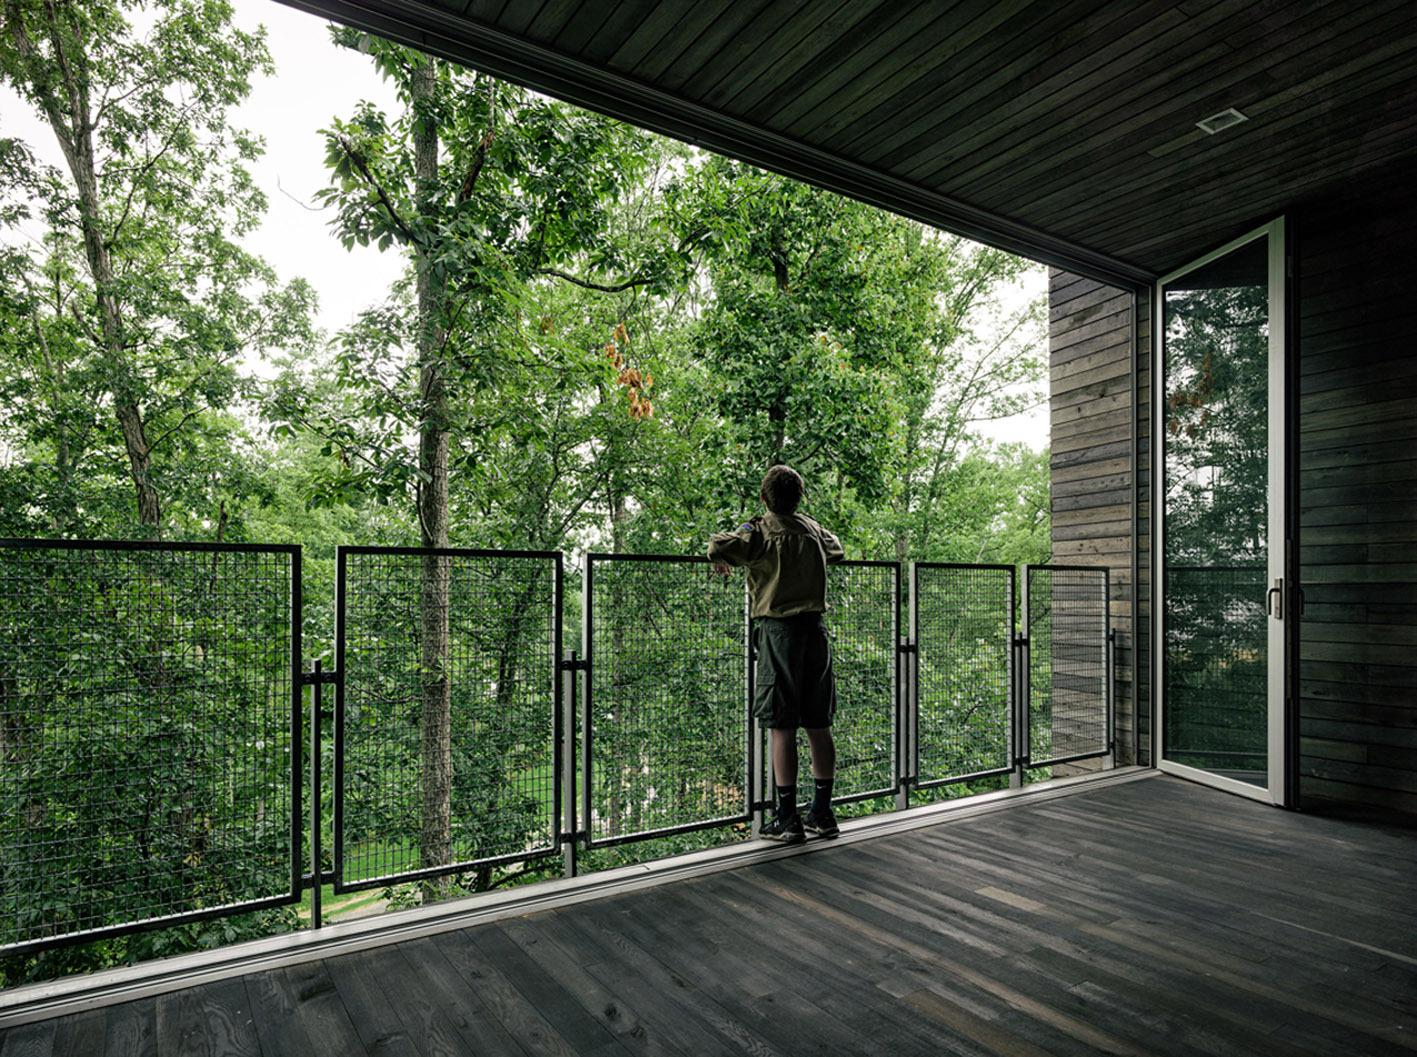 5319ea0ac07a806cd900022e_the-sustainability-treehouse-mithun_mithun_sustainability-treehouse_joe-fletcher-29